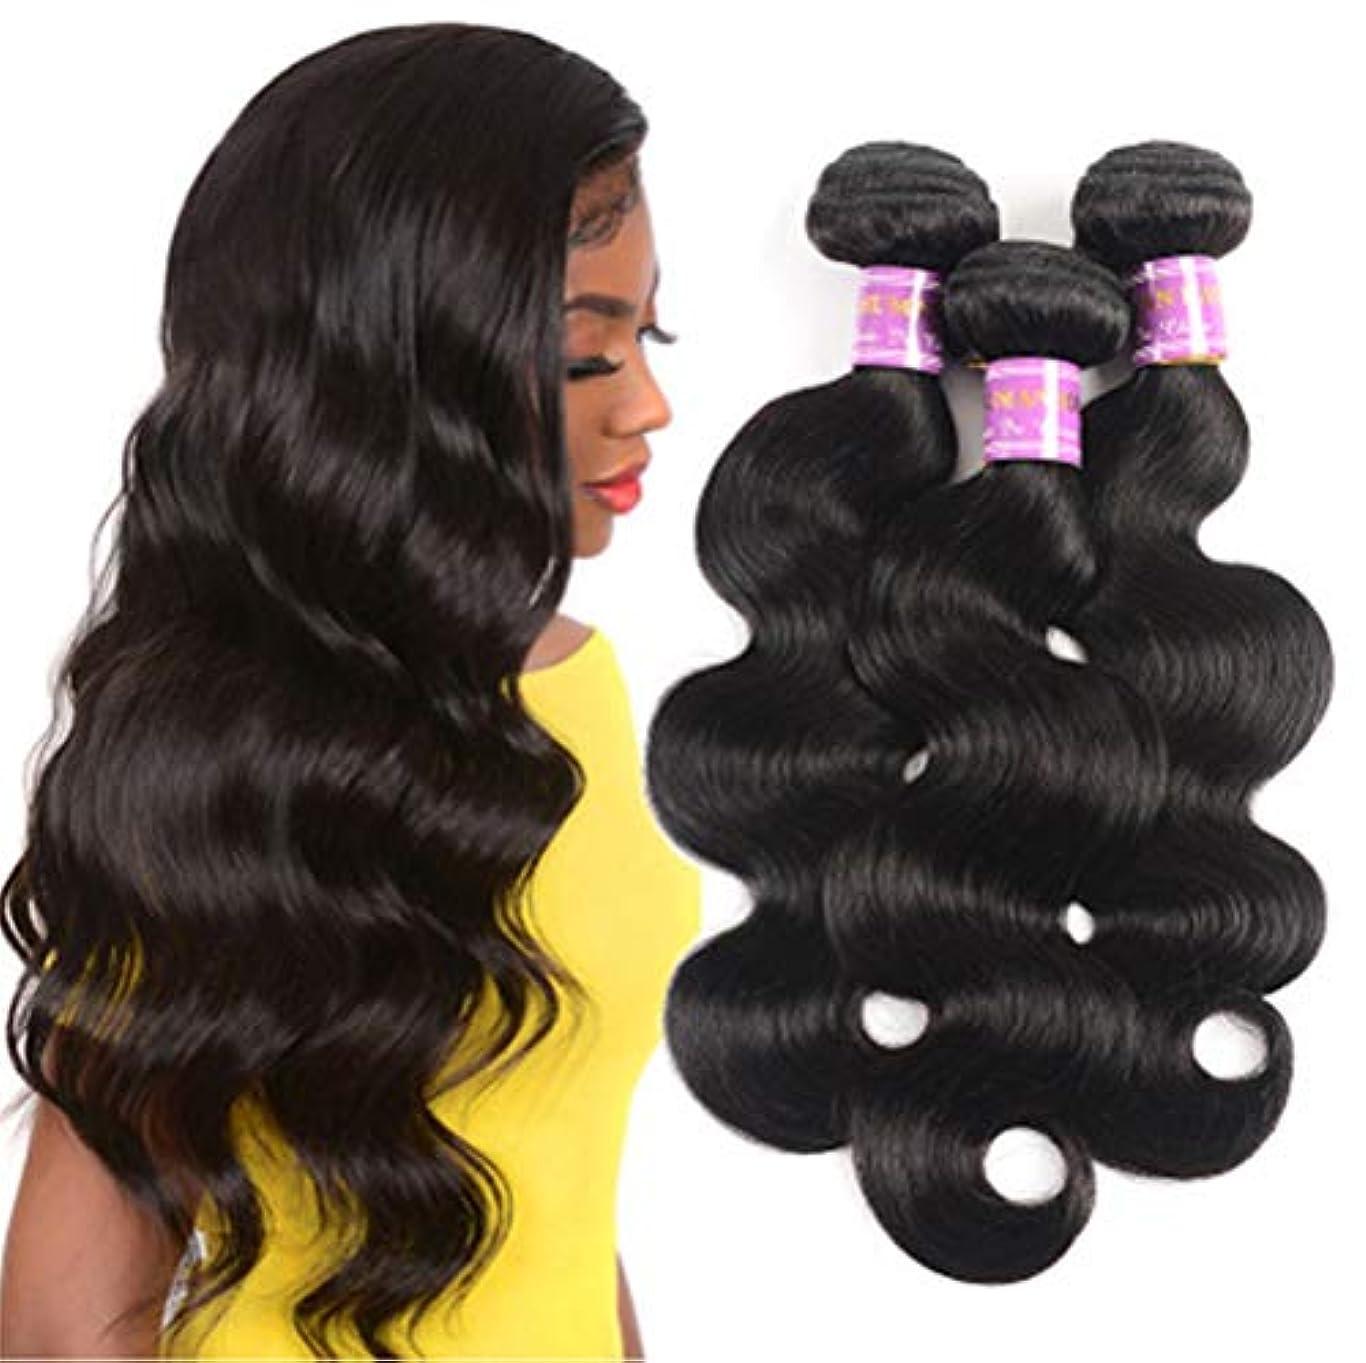 アナロジーレッドデート正義毛織りブラジル実体波バージンヘア1バンドルで閉鎖無料部分100%未処理の人間の髪の毛のremy髪